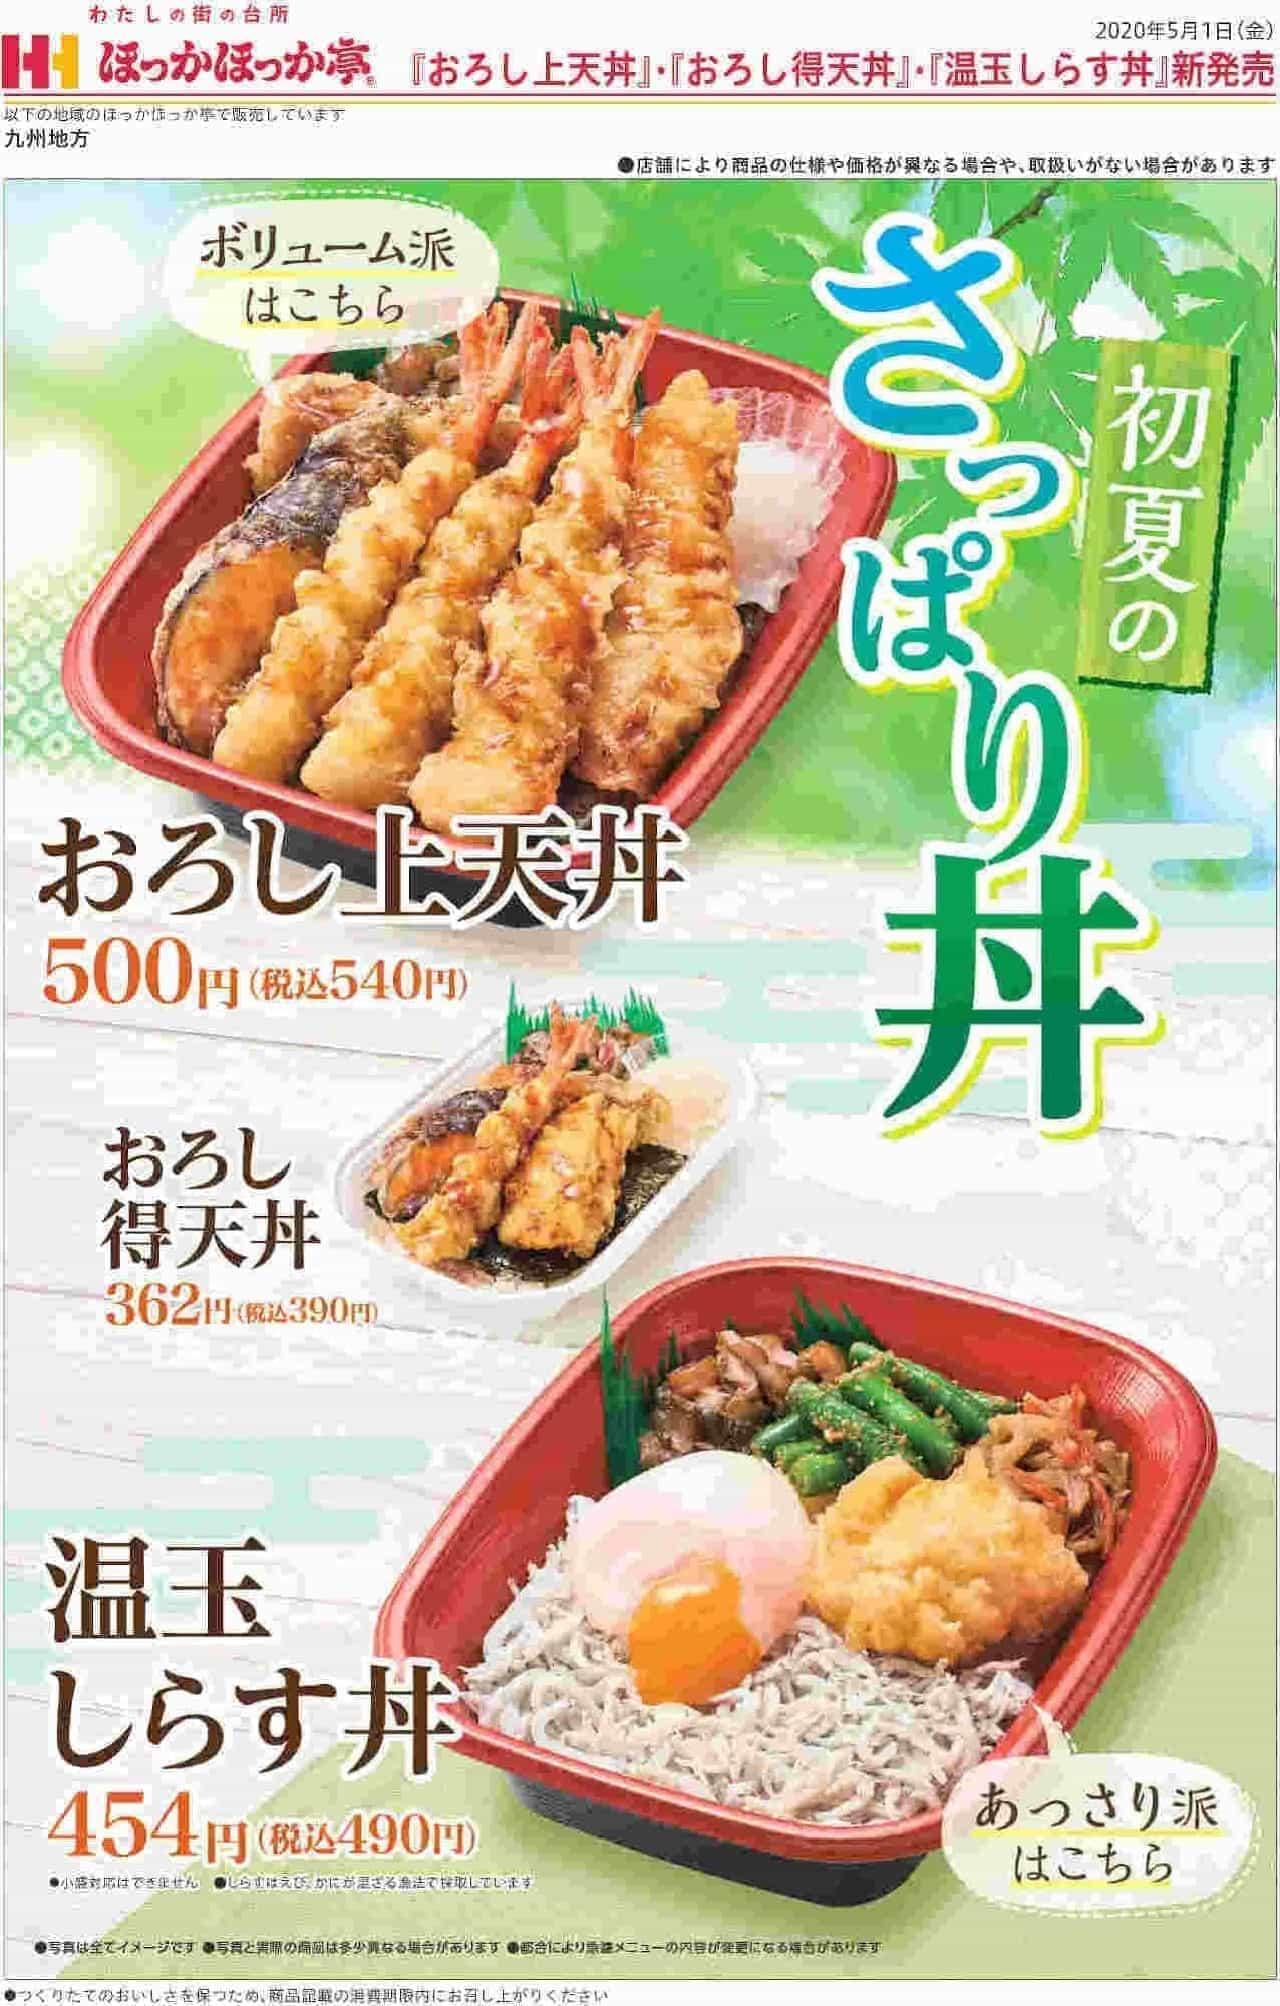 ほっかほっか亭の「おろし上天丼」「おろし得天丼」「温玉しらす丼」